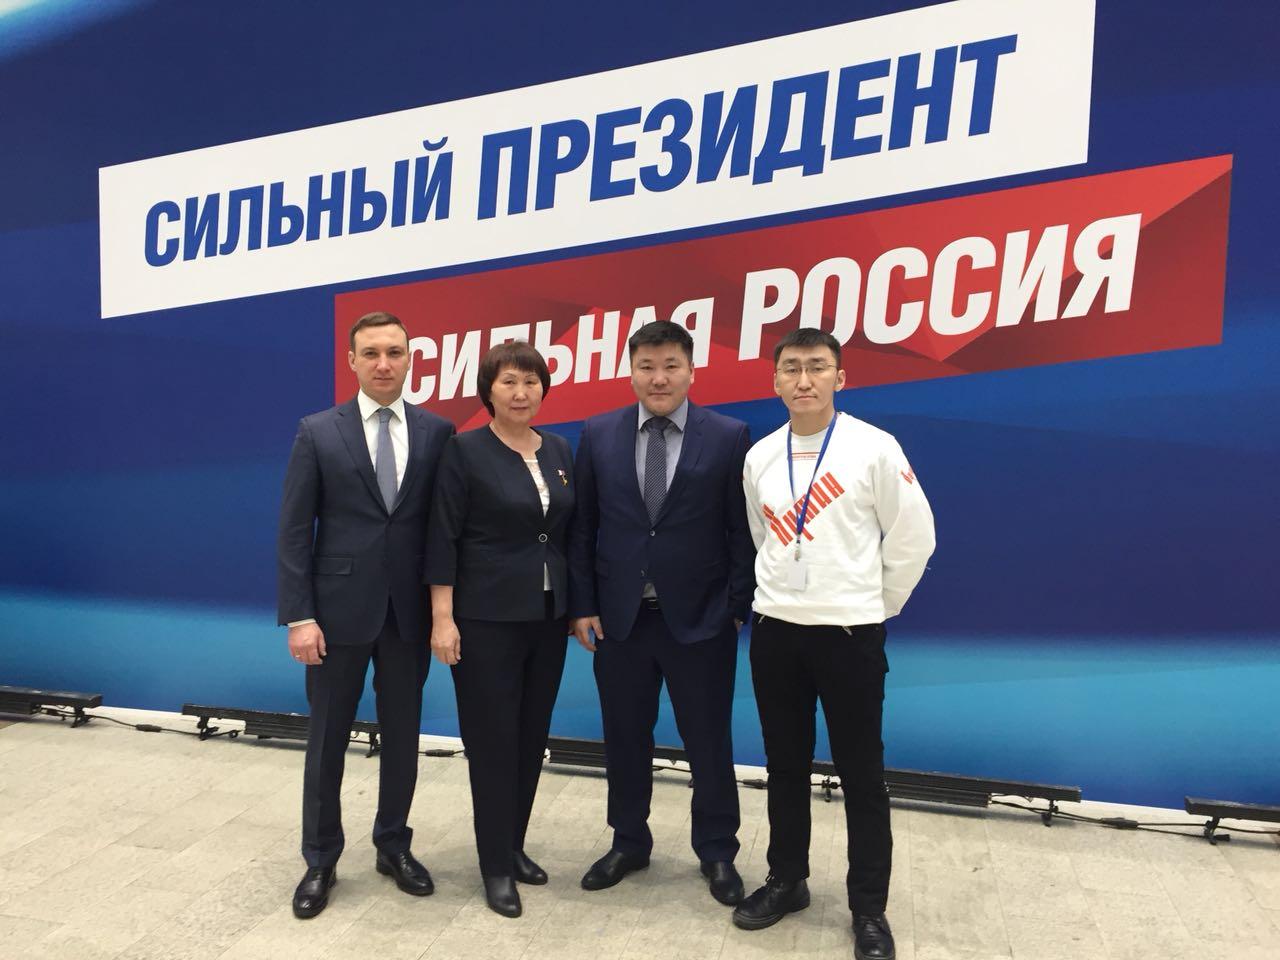 Владимир Путин итэҕэллээх дьонун кытары көрсүһүүтүгэр сахалар сырыттылар